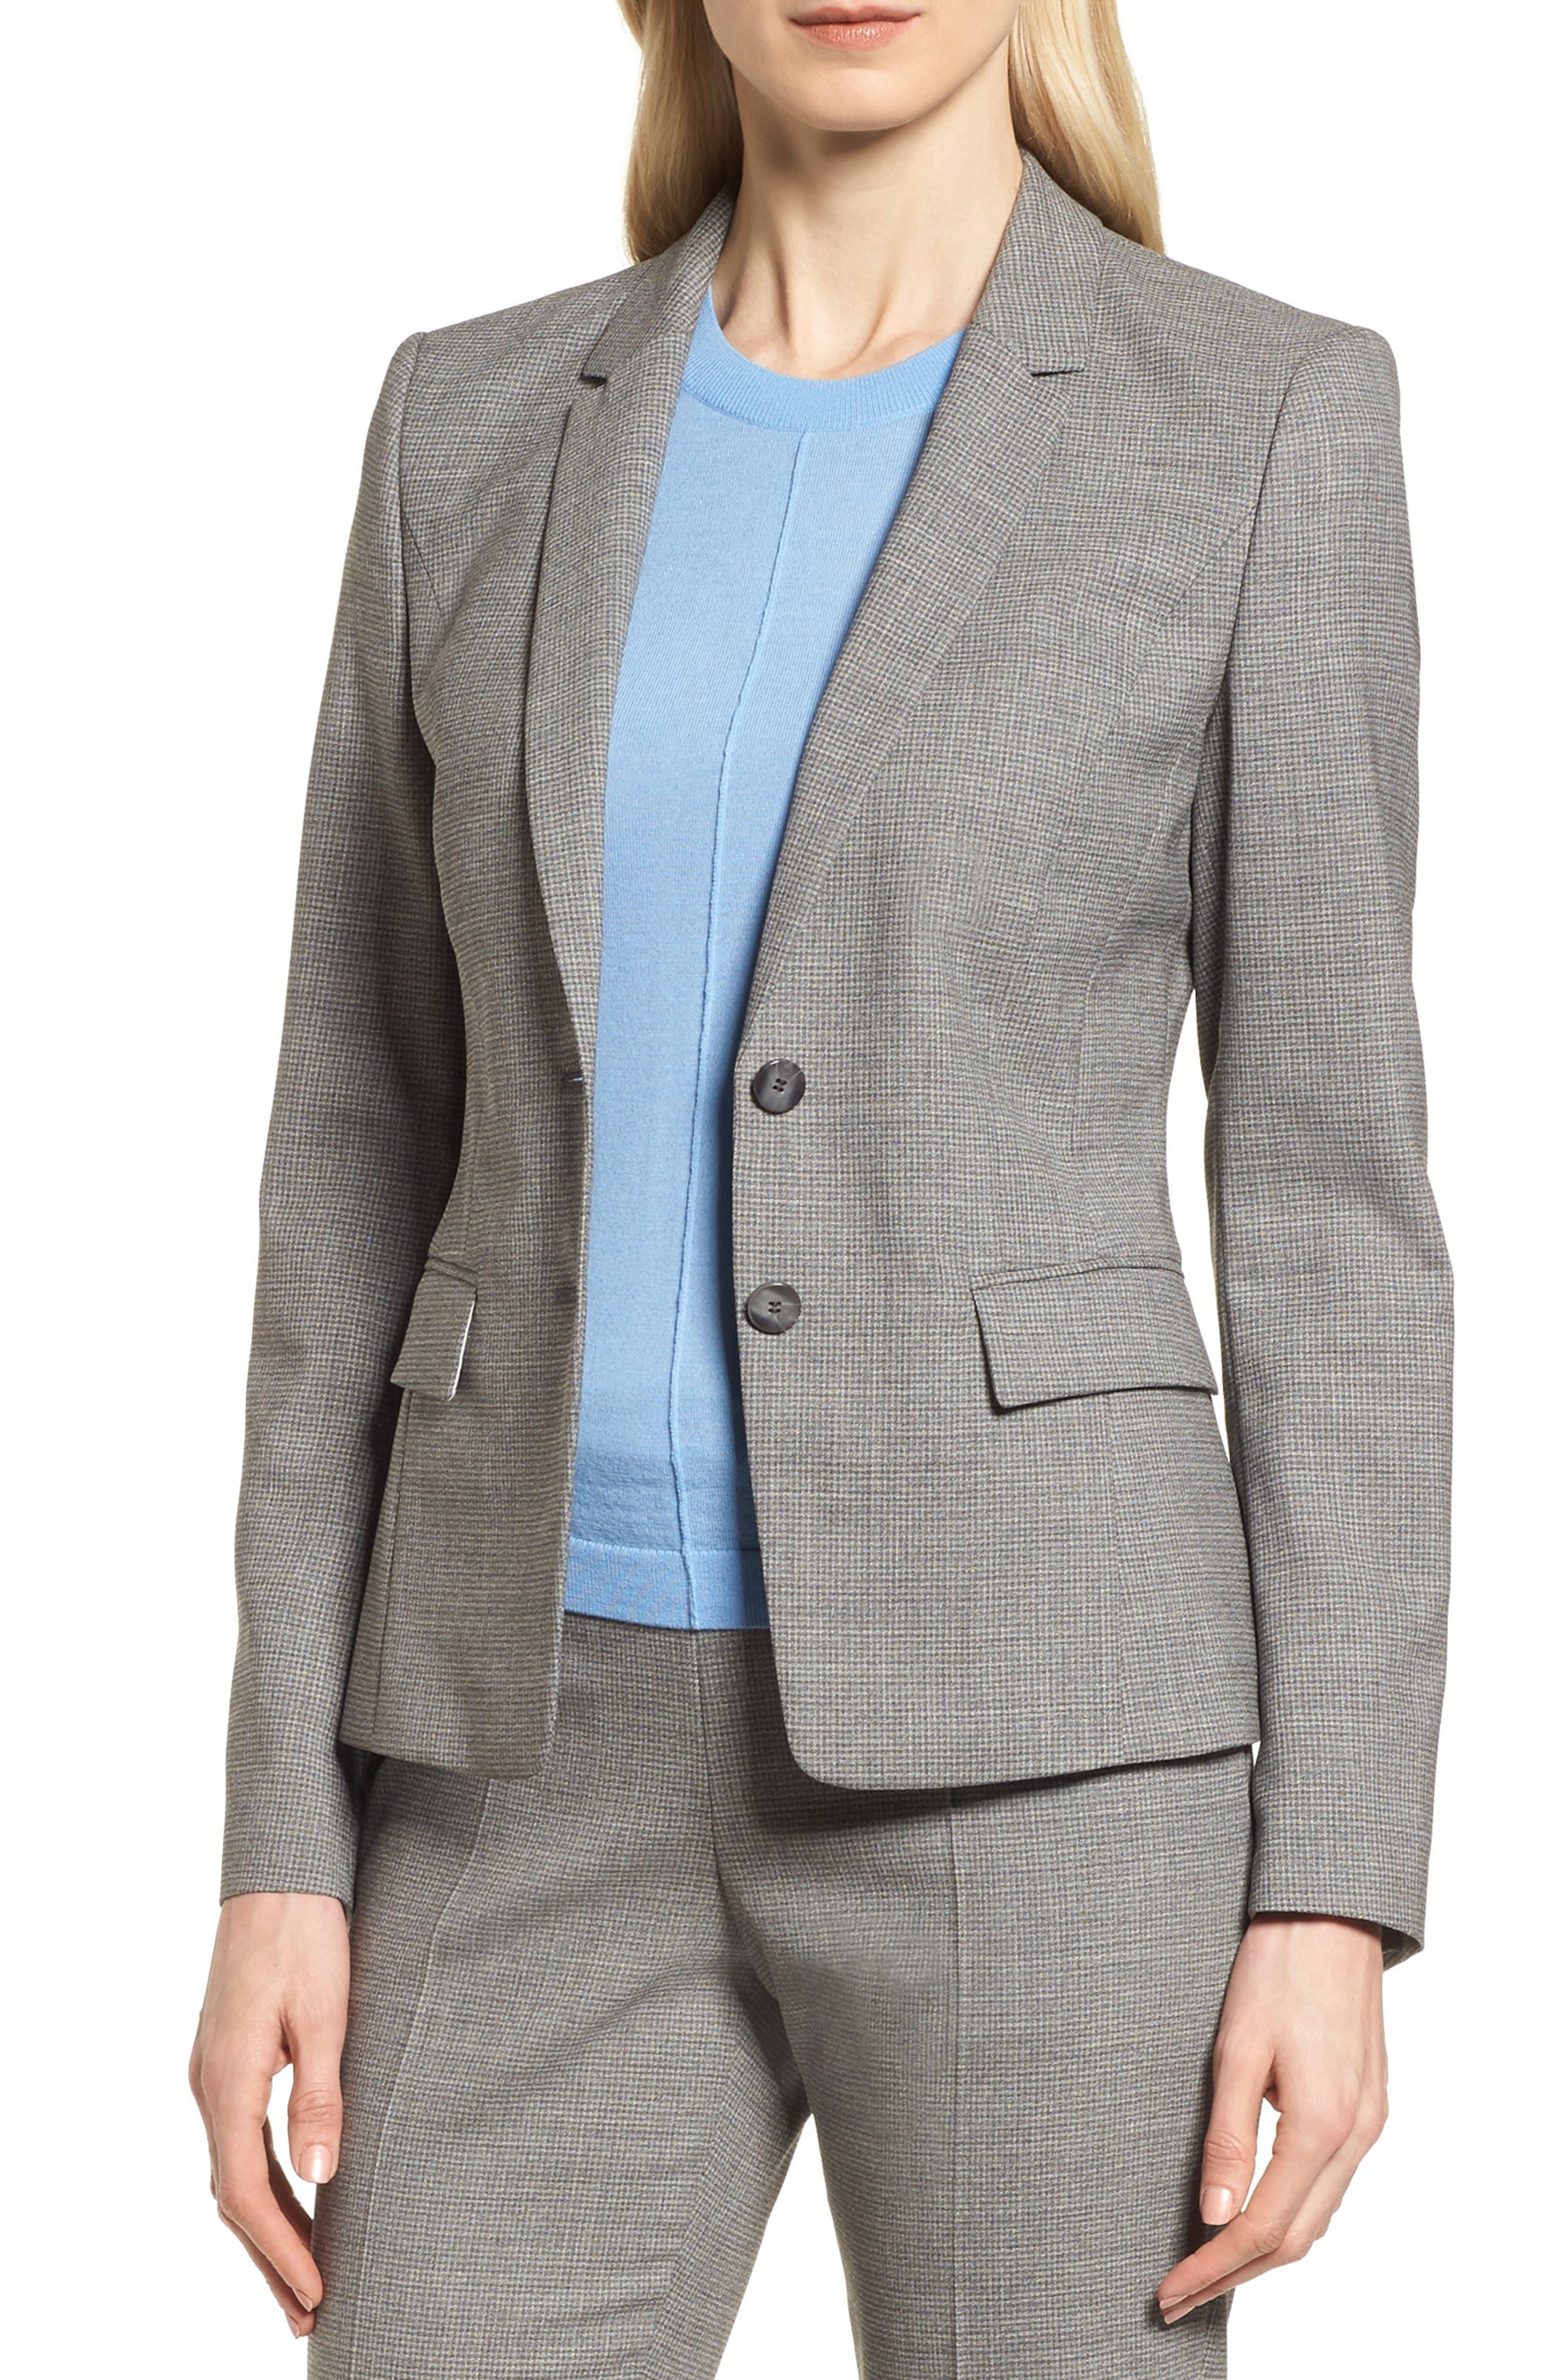 Jewisa Check Wool Jacket,                         Main,                         color, Cozy Grey Fantasy